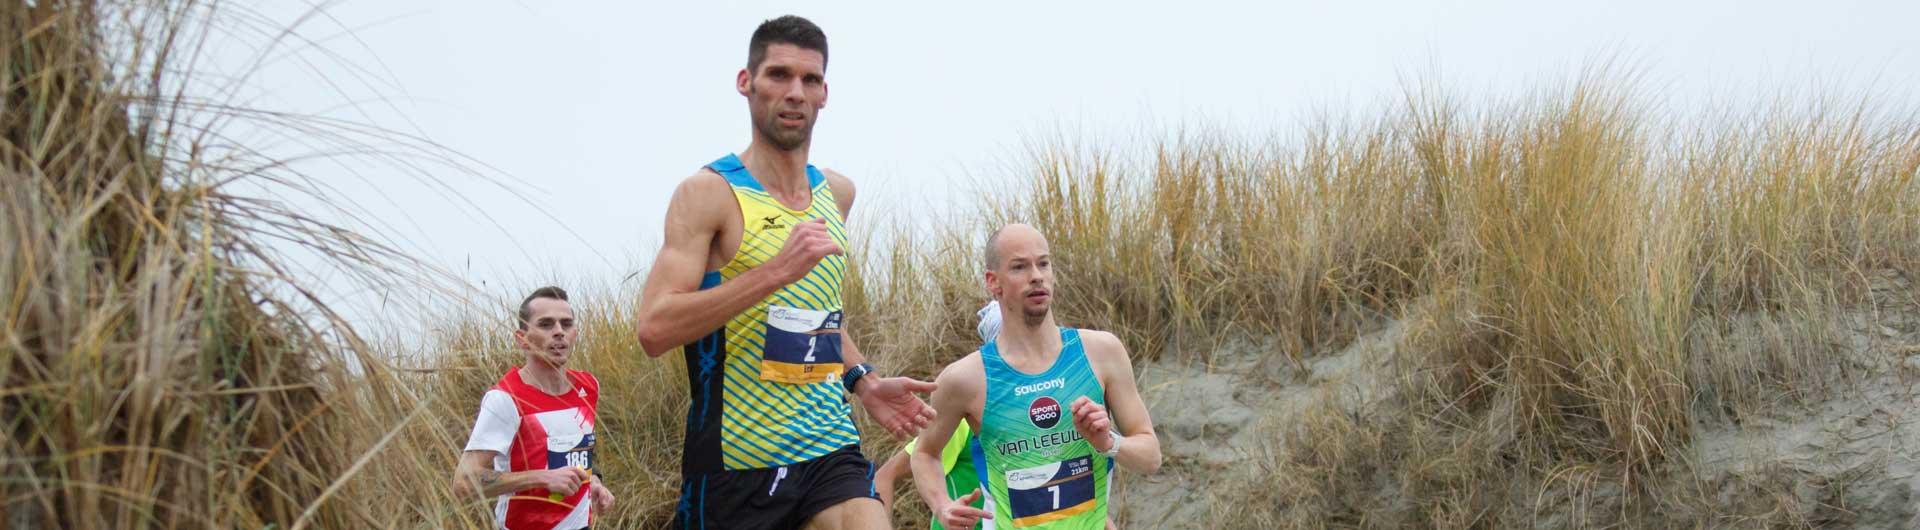 Ameland Adventurerun uitslagen 2016: Marathon lopers op het strand van Ameland